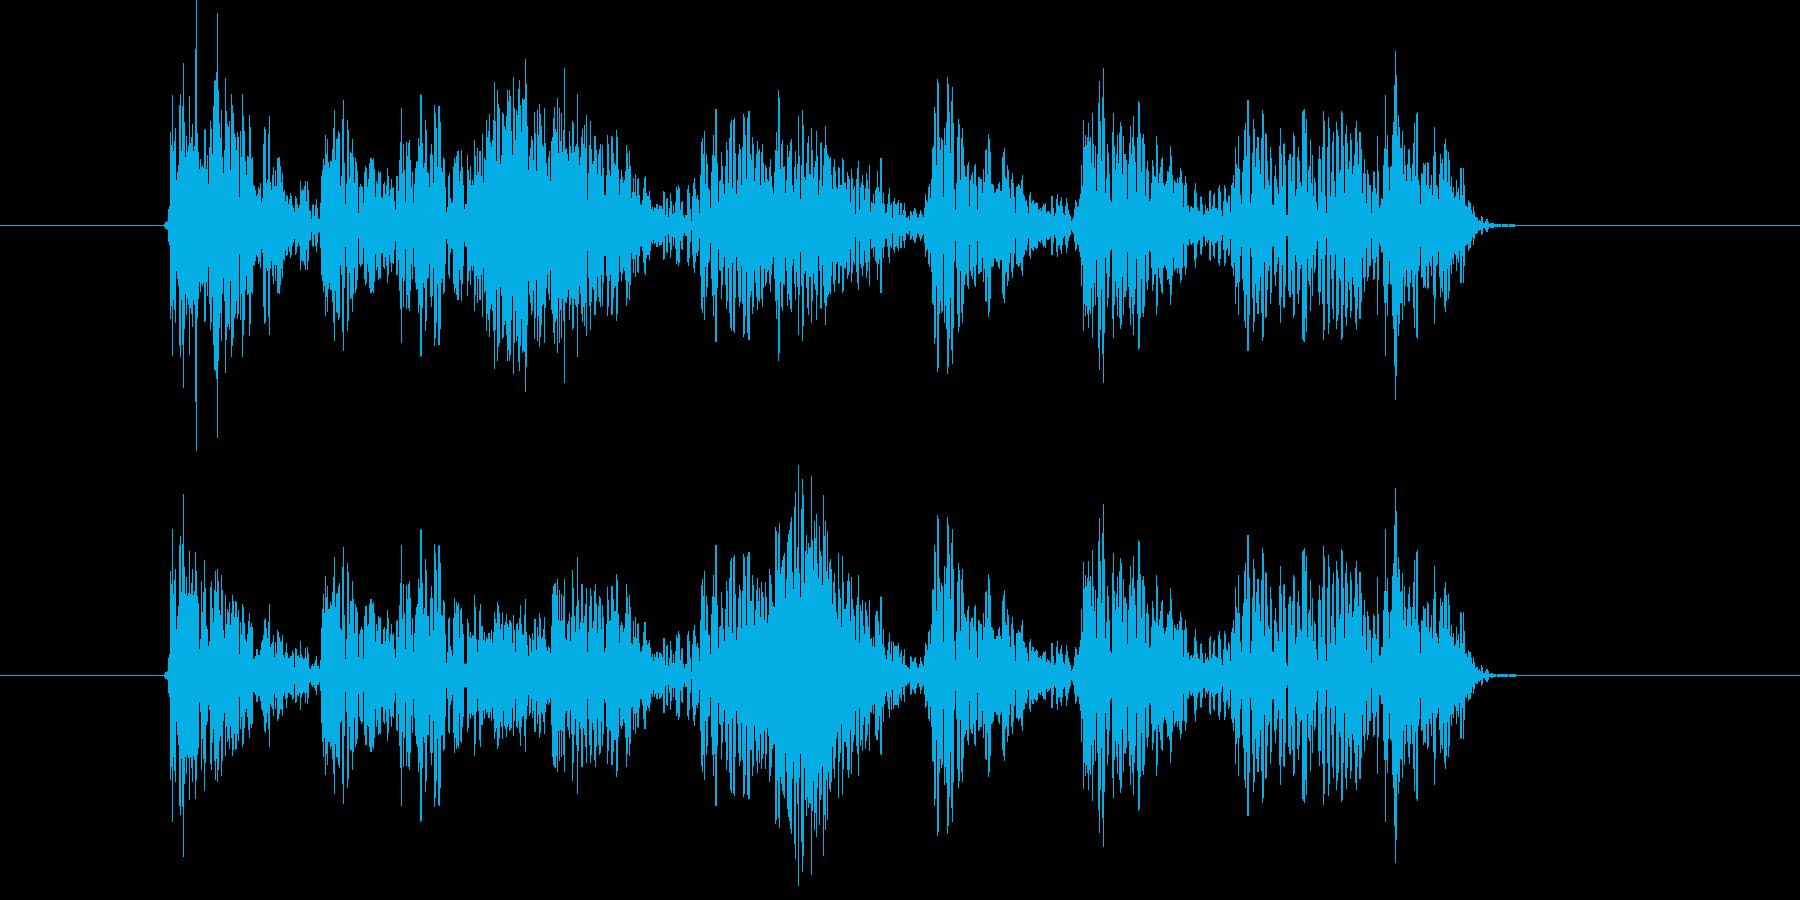 和太鼓と掛け声の再生済みの波形